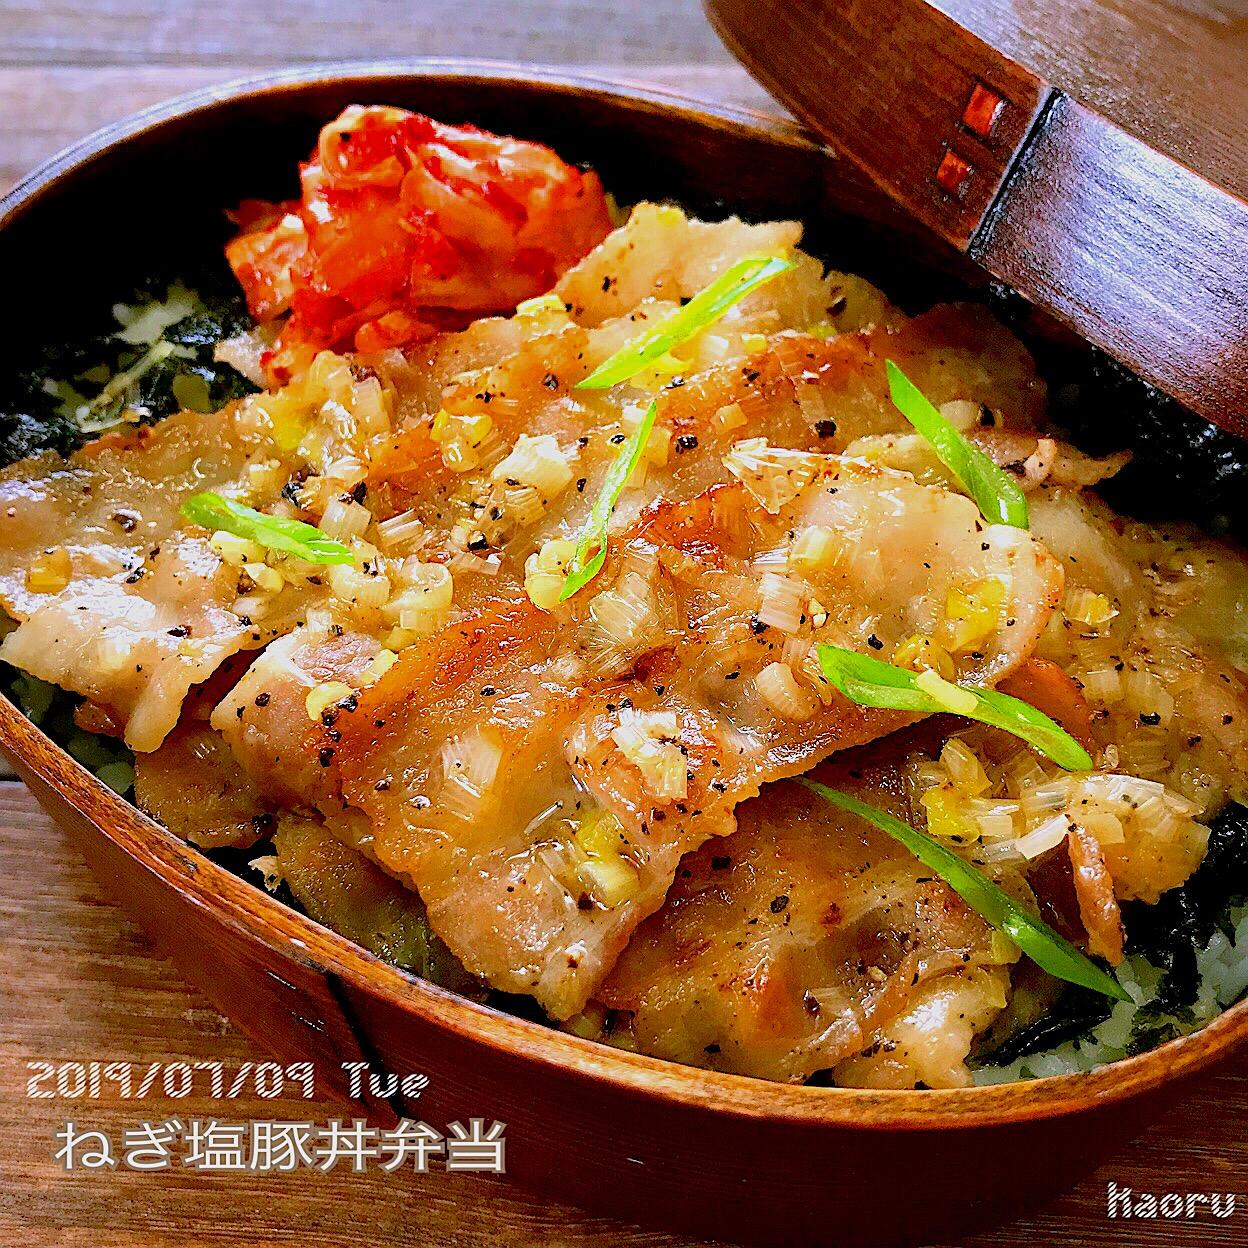 ネギ 塩 豚 丼 レシピ